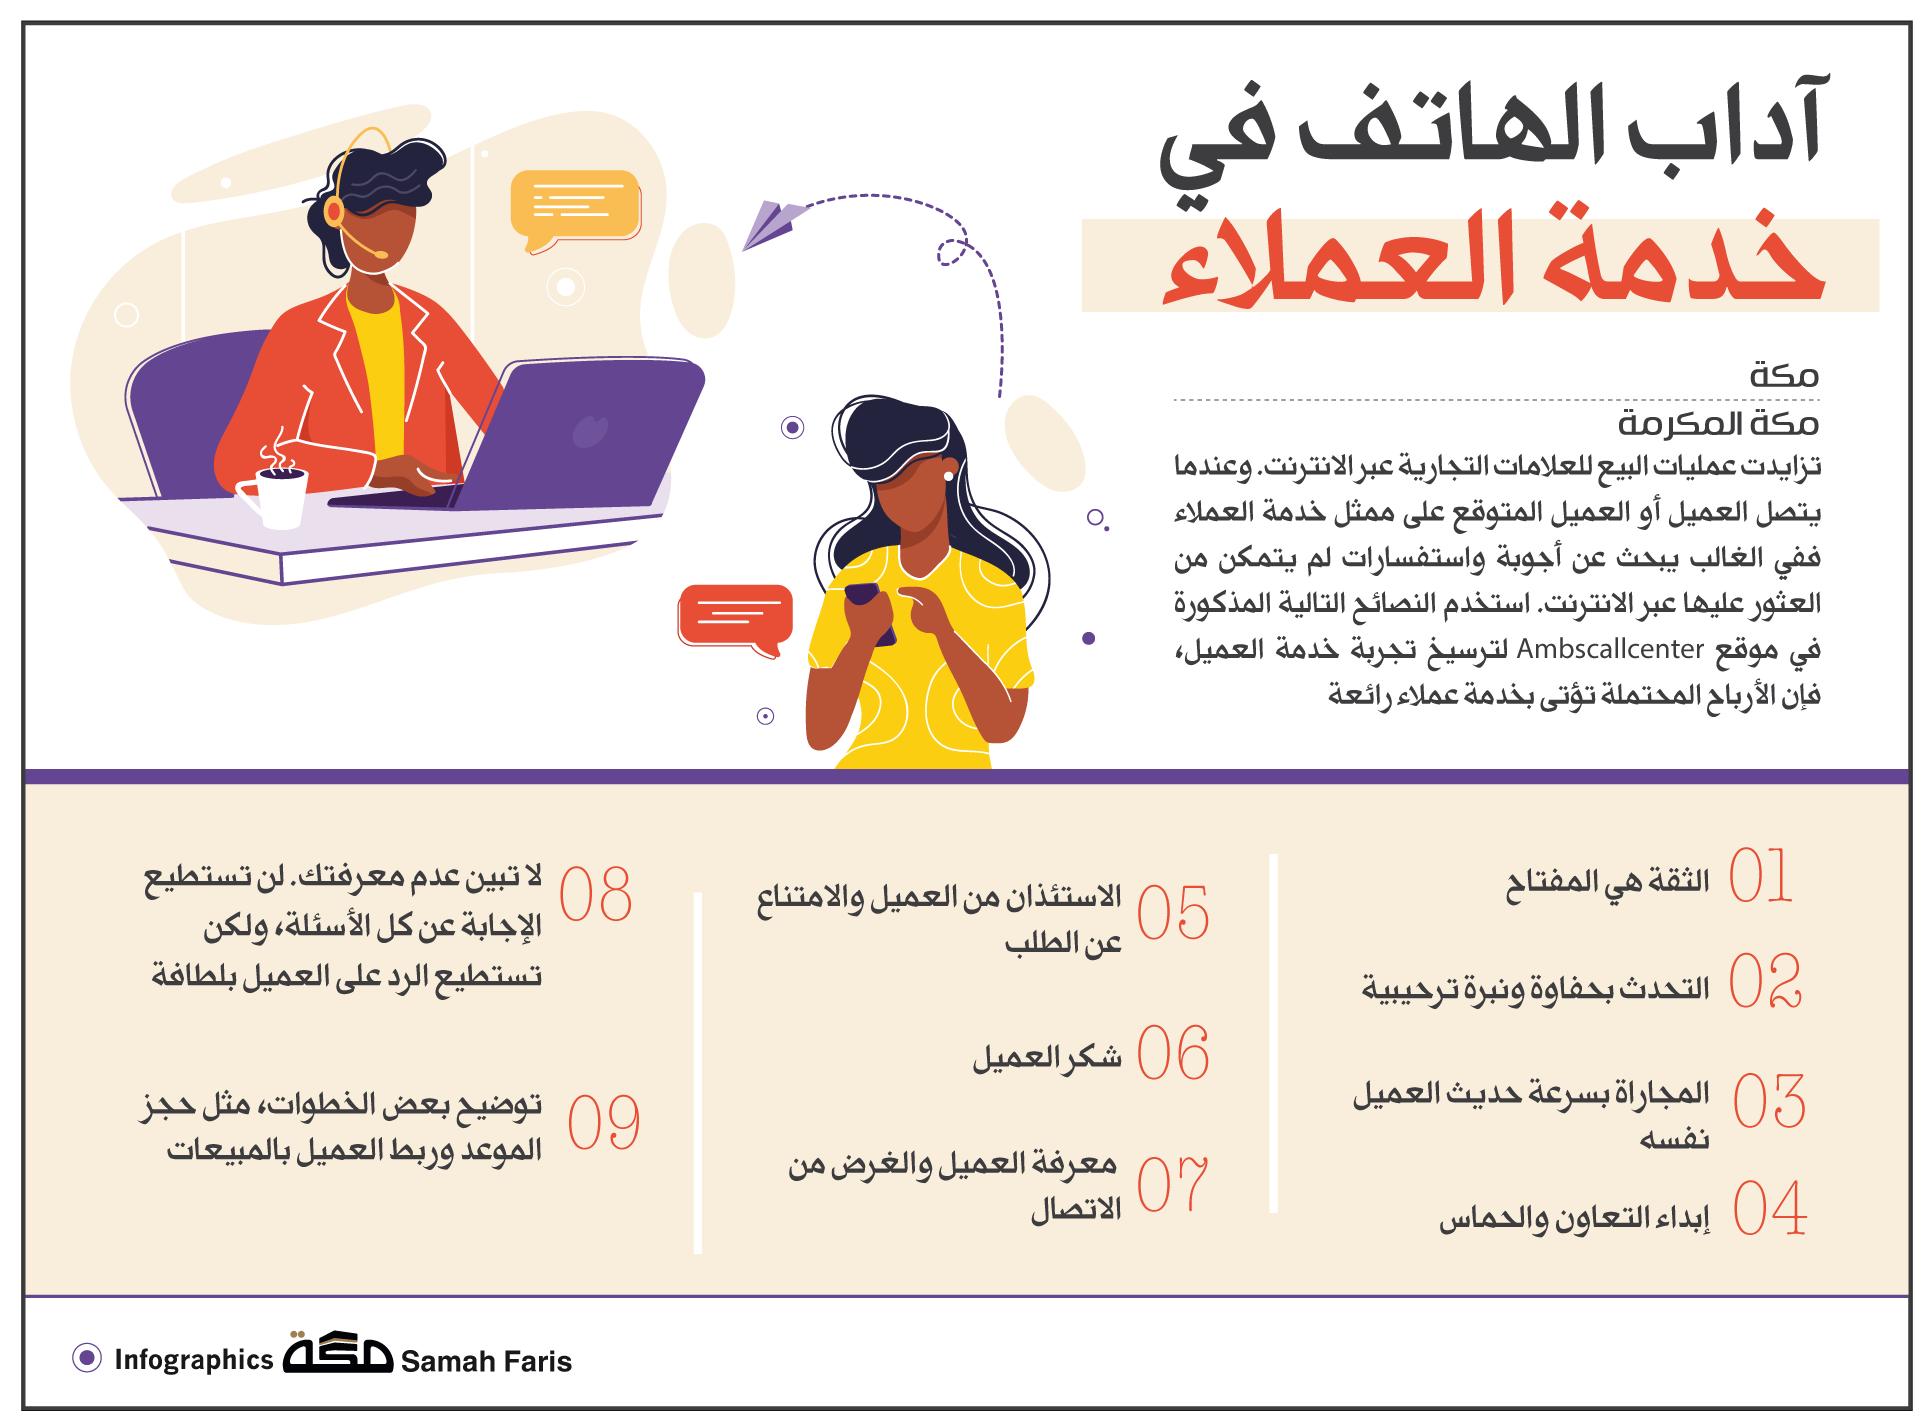 عبارات لخدمة العملاء